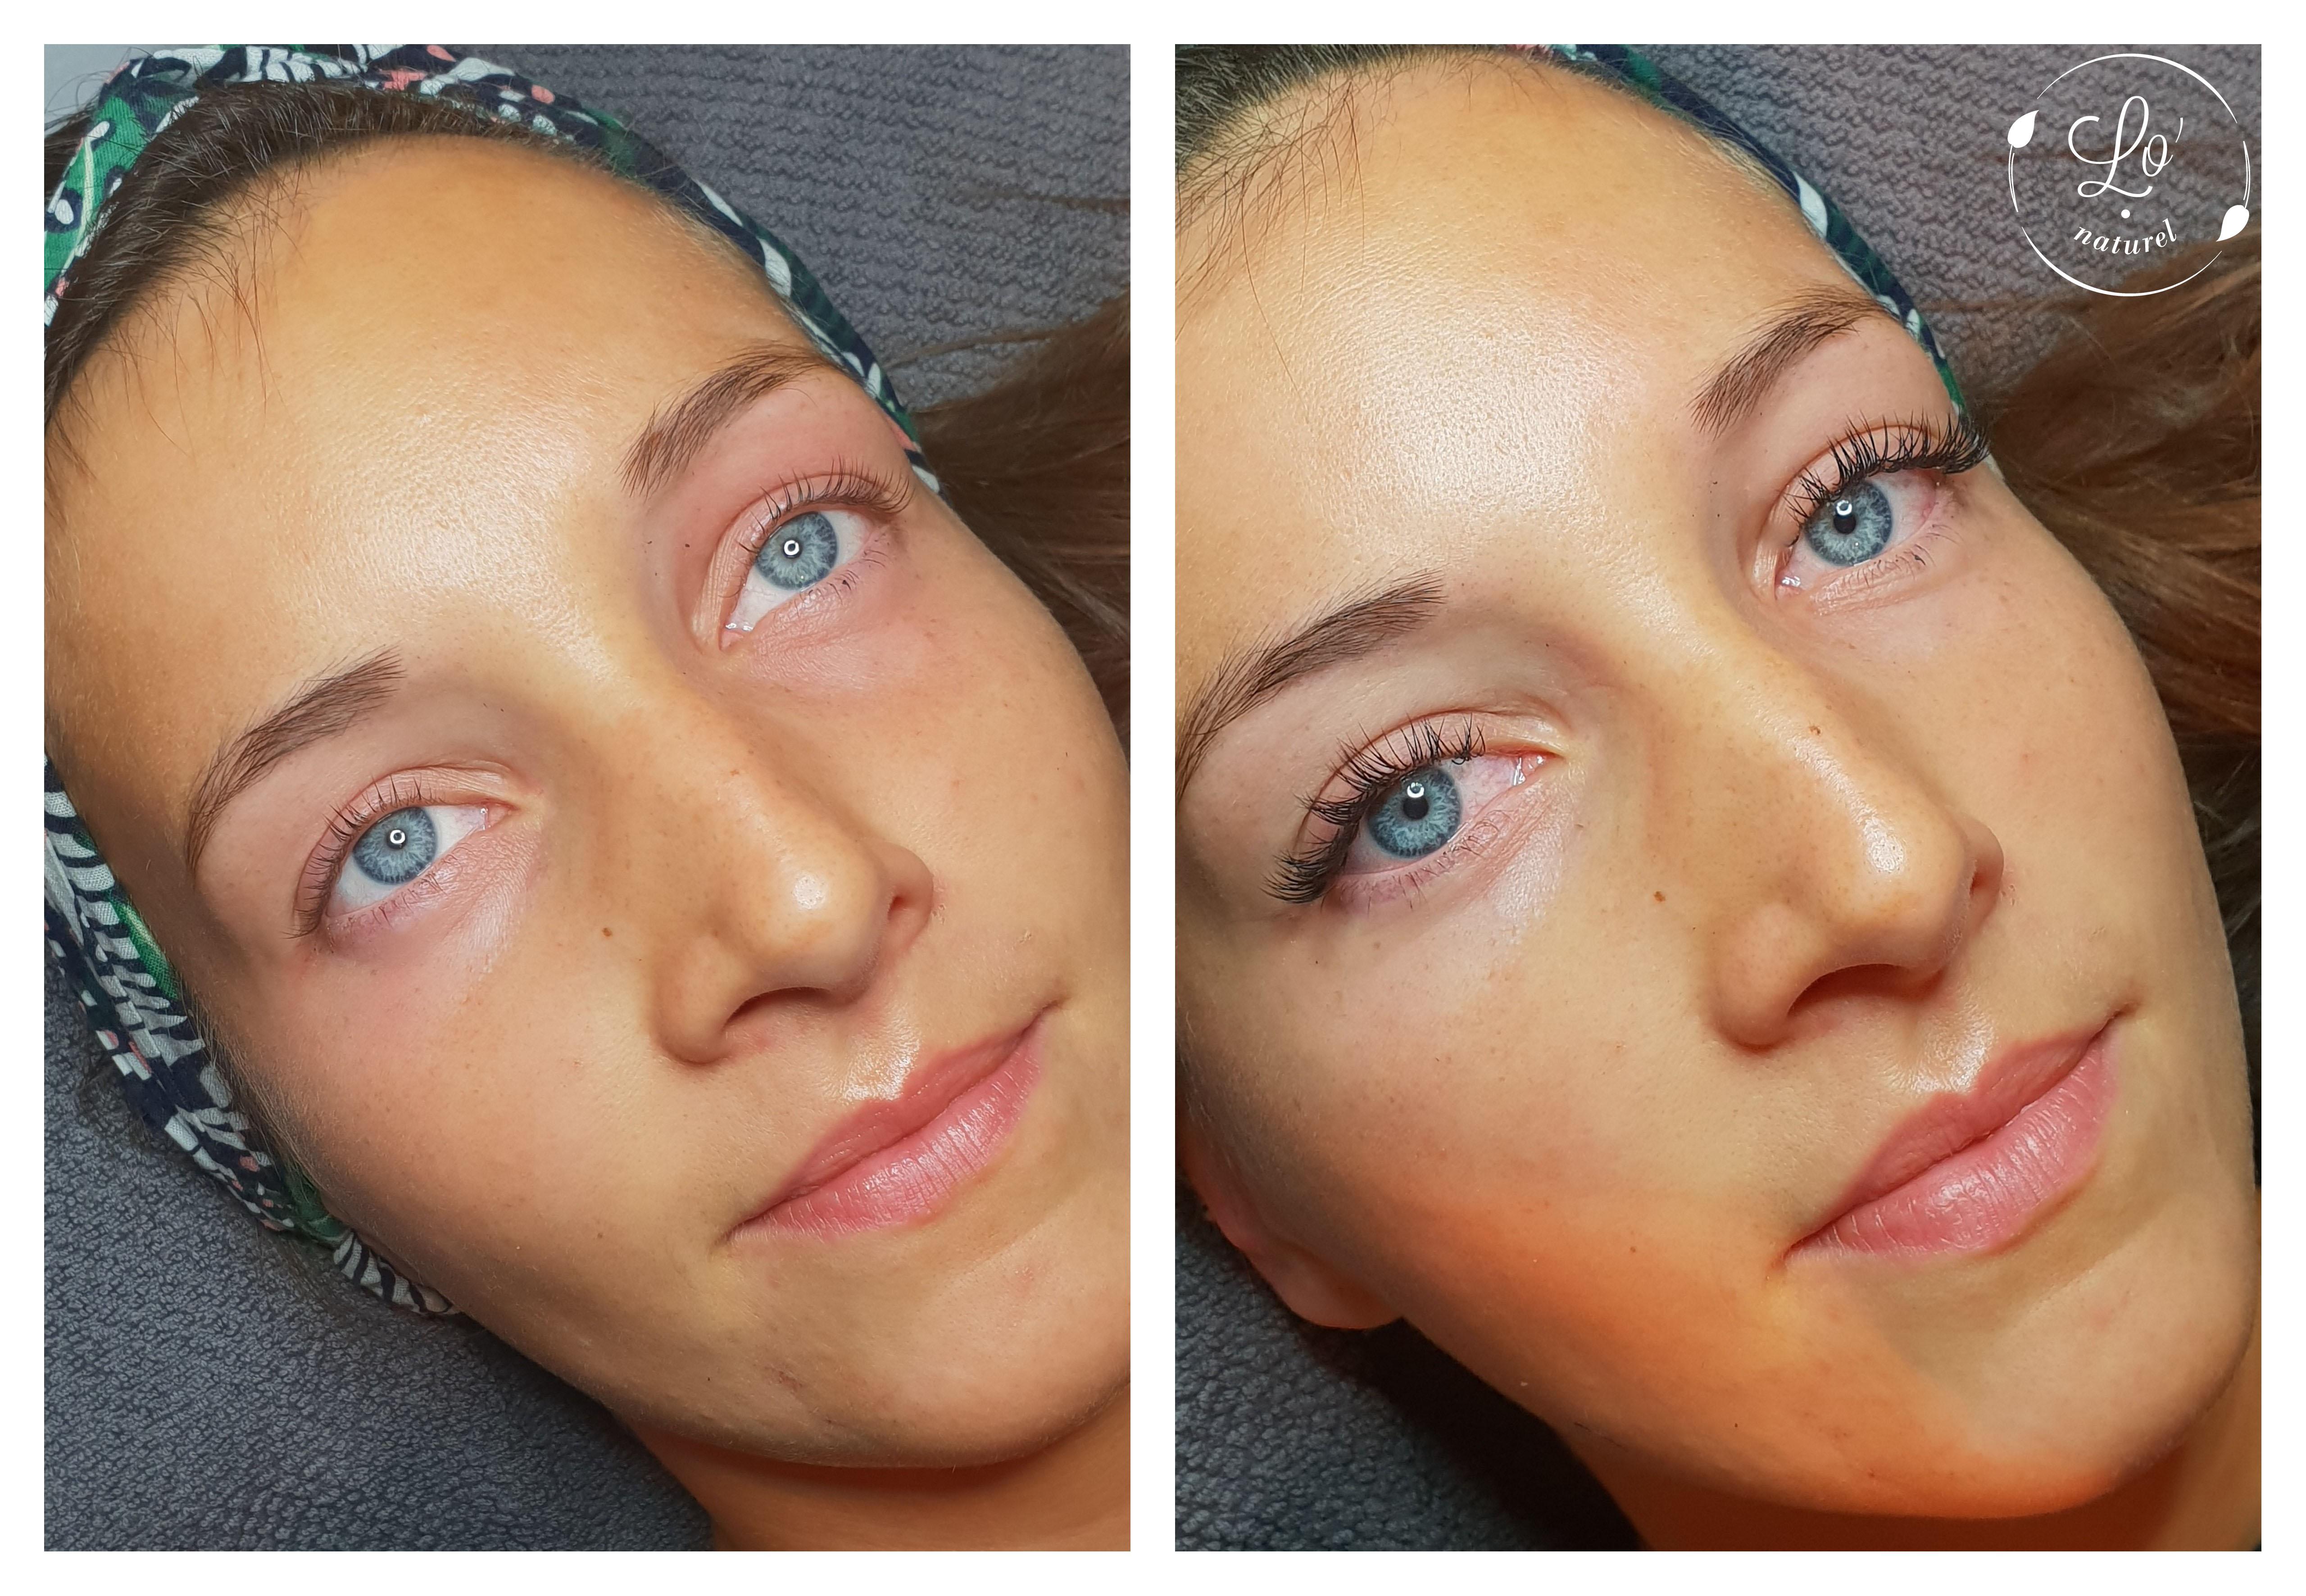 Avoir de beaux yeux n'a jamais été aussi facile grâce à Lo'naturel